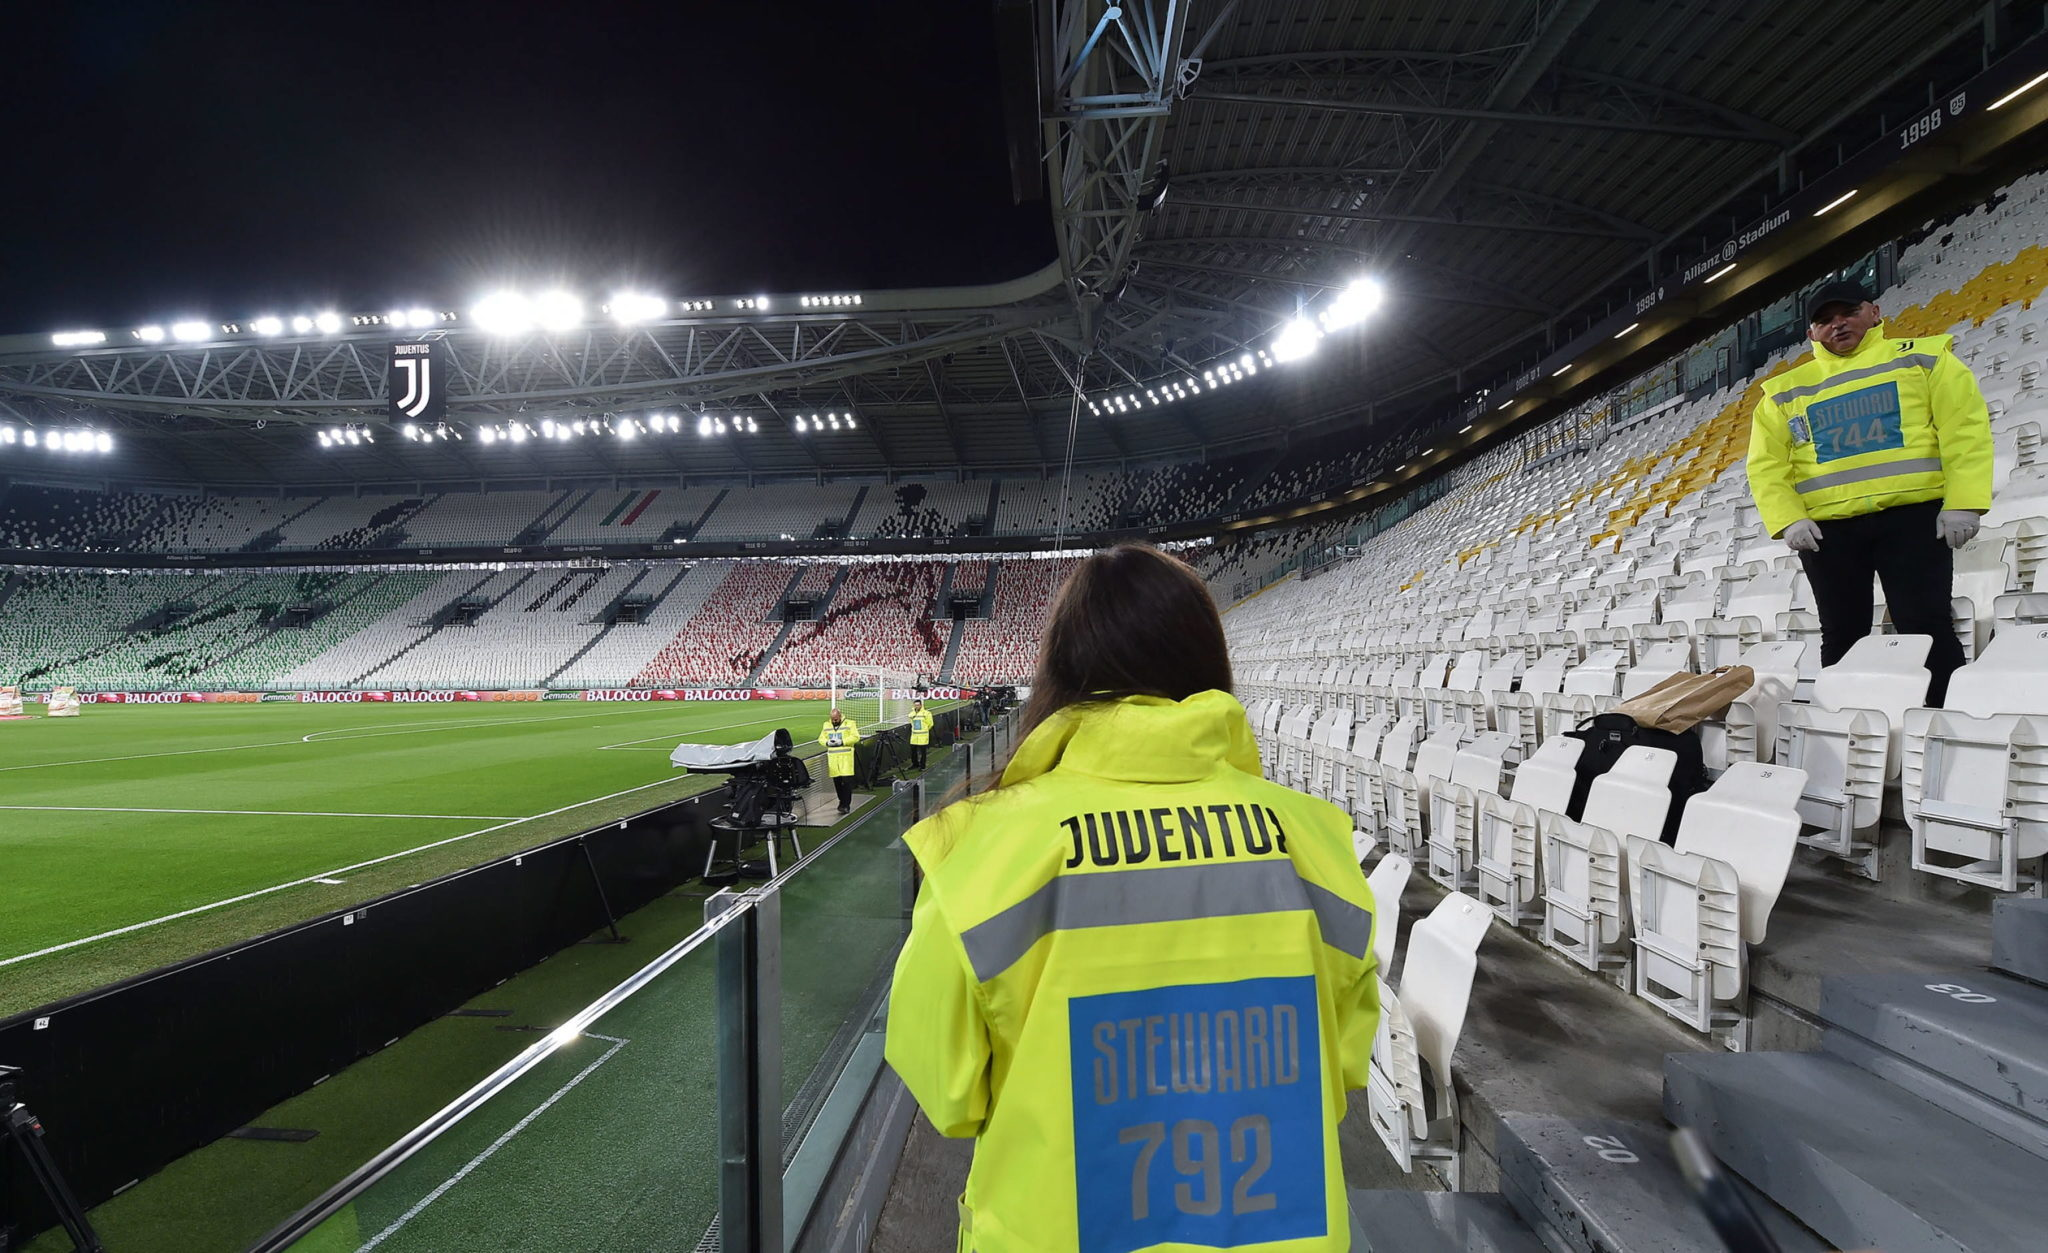 Turyn: pusty stadion przed meczem włoski serii A Juventus FC kontra FC Internazionale Milano, fot. EPA/ALESSANDRO DI MARCO